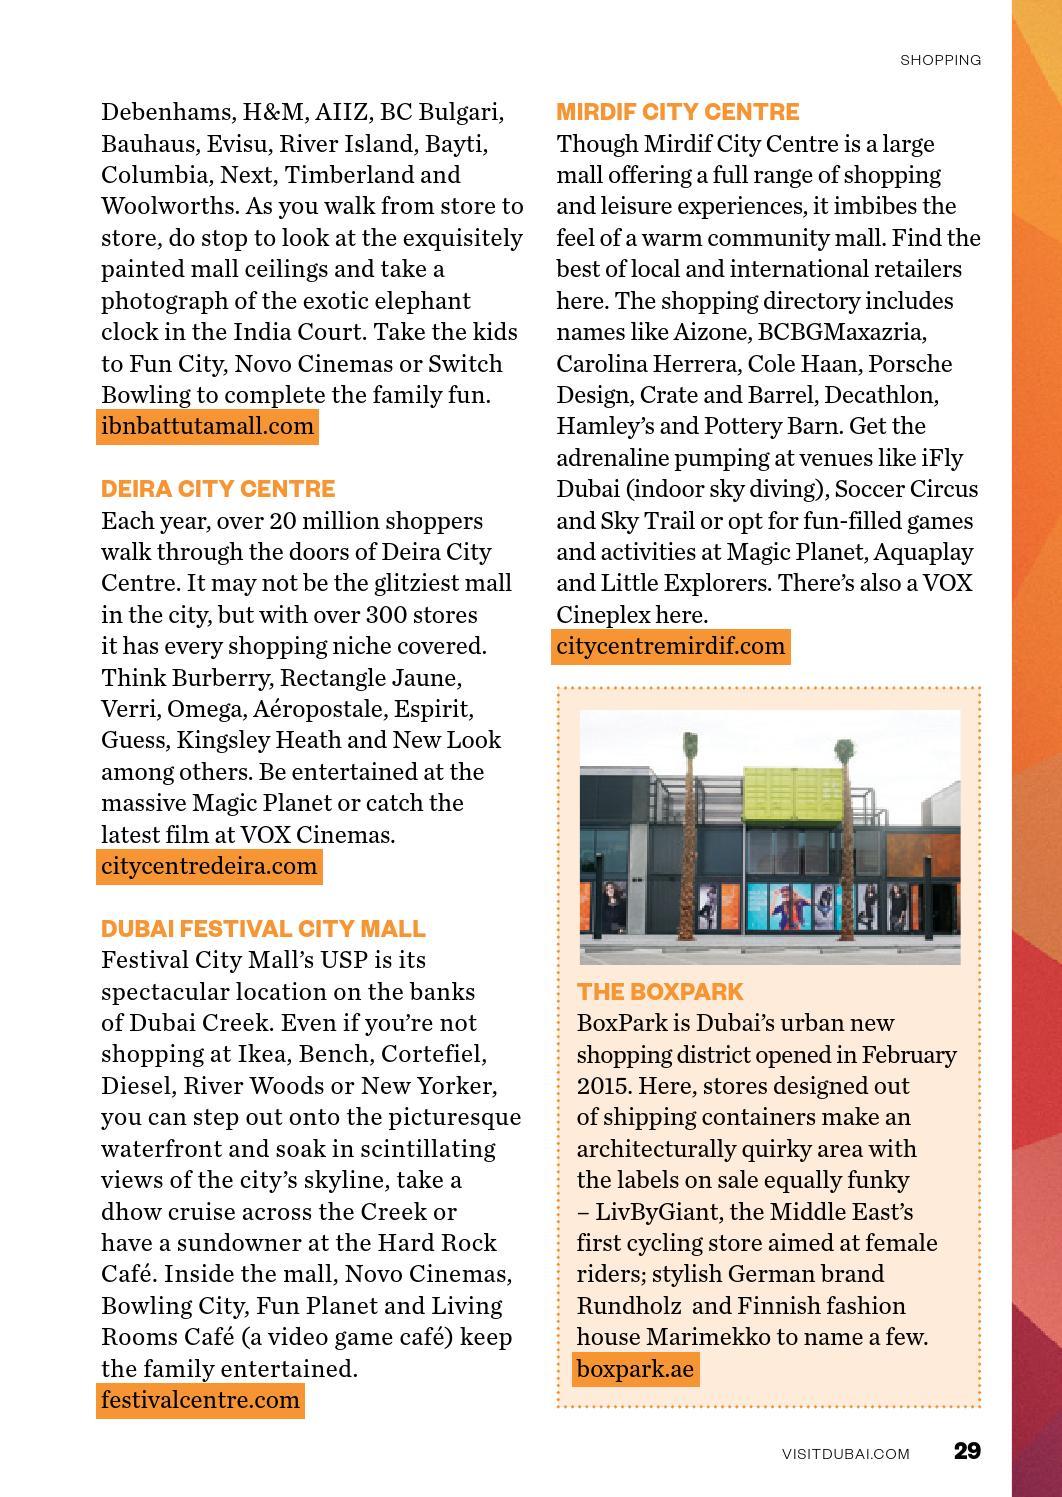 Dubai Pocket Guide 2015 by Dubai Tourism - issuu